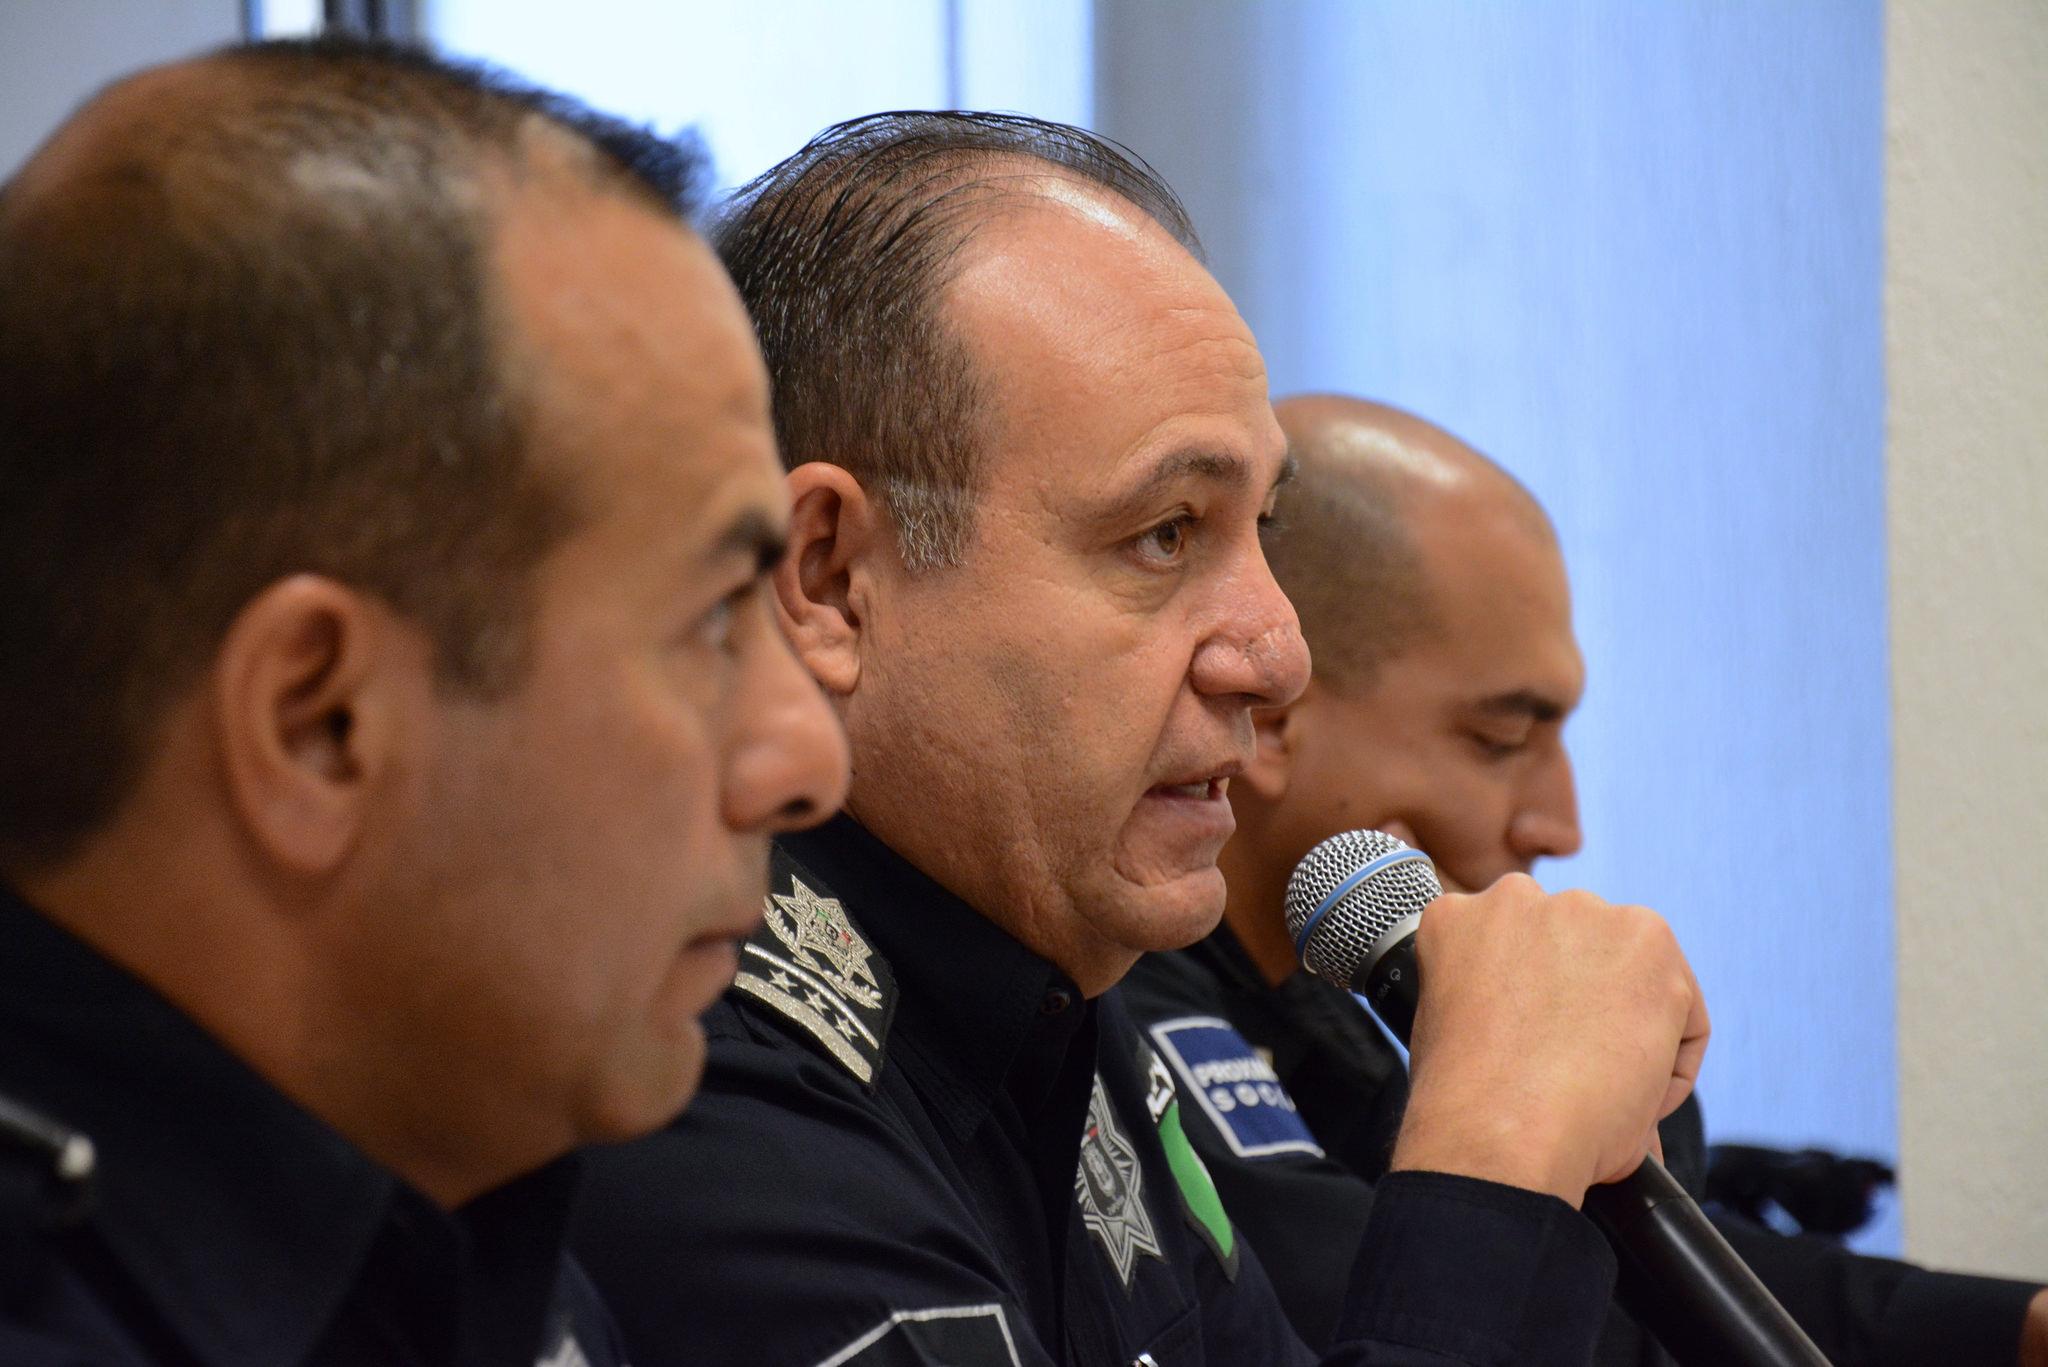 Organiza Comisaría de Seguridad Pública de Zapopan actividades para festejar el Día del Policía